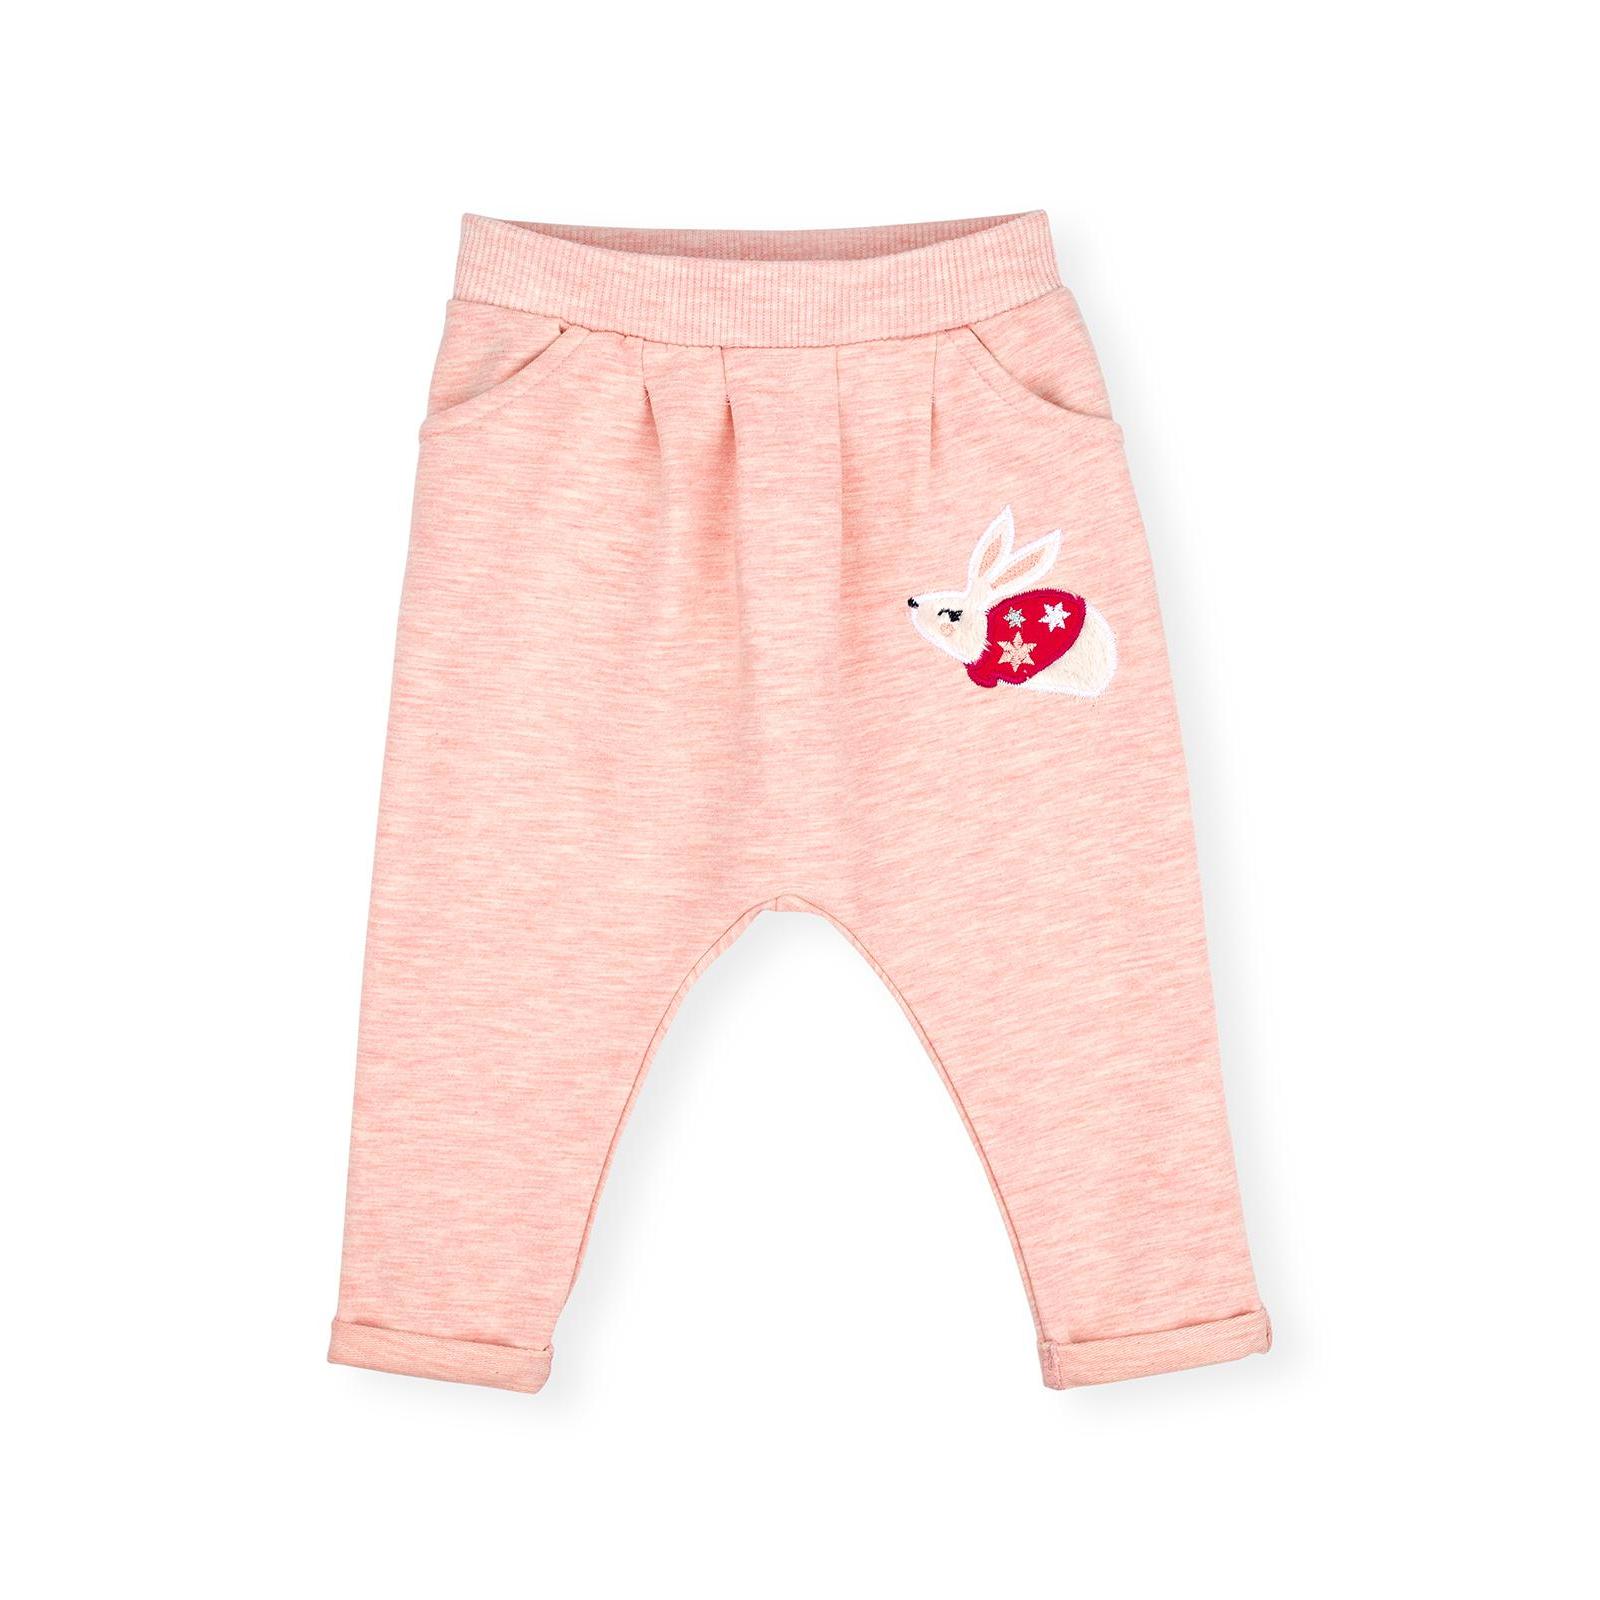 Набор детской одежды Breeze с зайчиками (10214-80G-peach) изображение 3